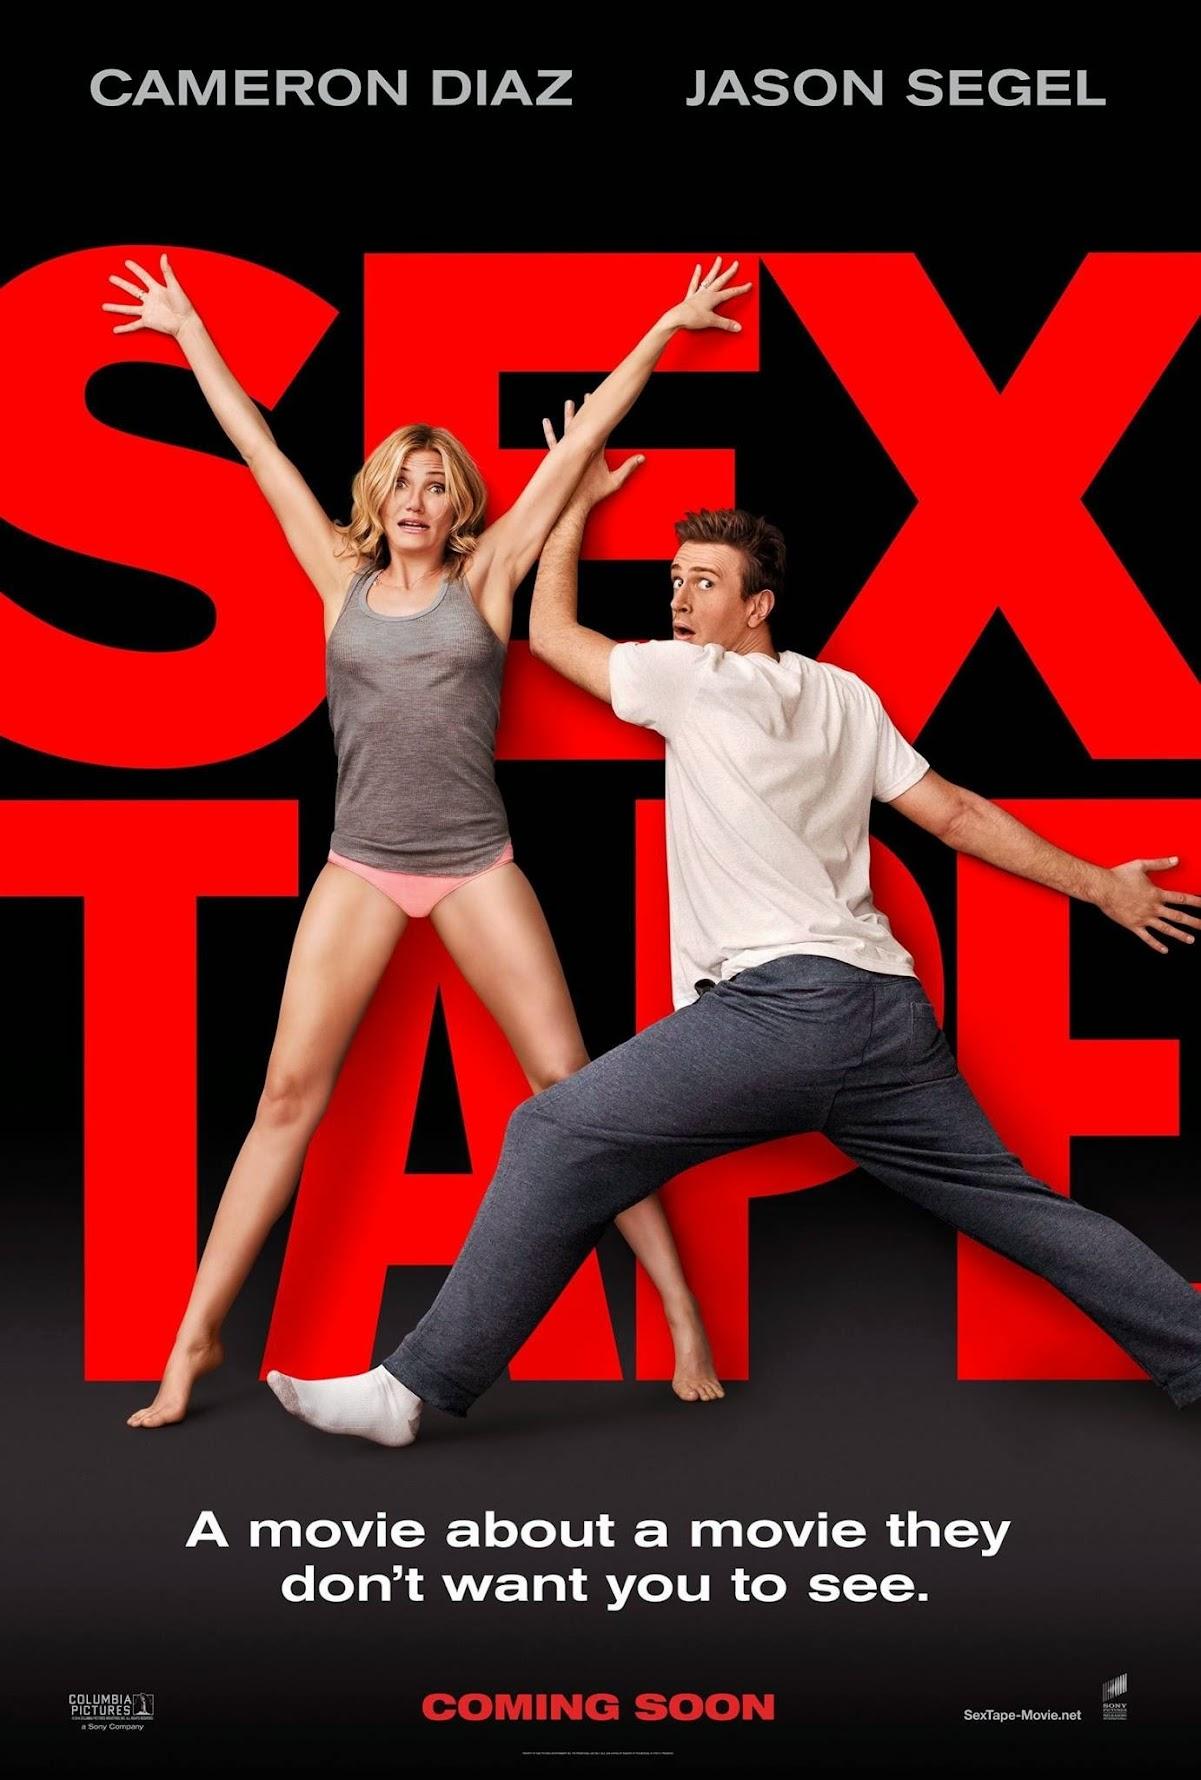 http://3.bp.blogspot.com/-bHQn0aq_Gig/UydSGW-YpnI/AAAAAAAAUyo/OFmrtsMlyT0/s1780/Sex_Tape_Oficial_Teaser_Poster_JPosters.jpg